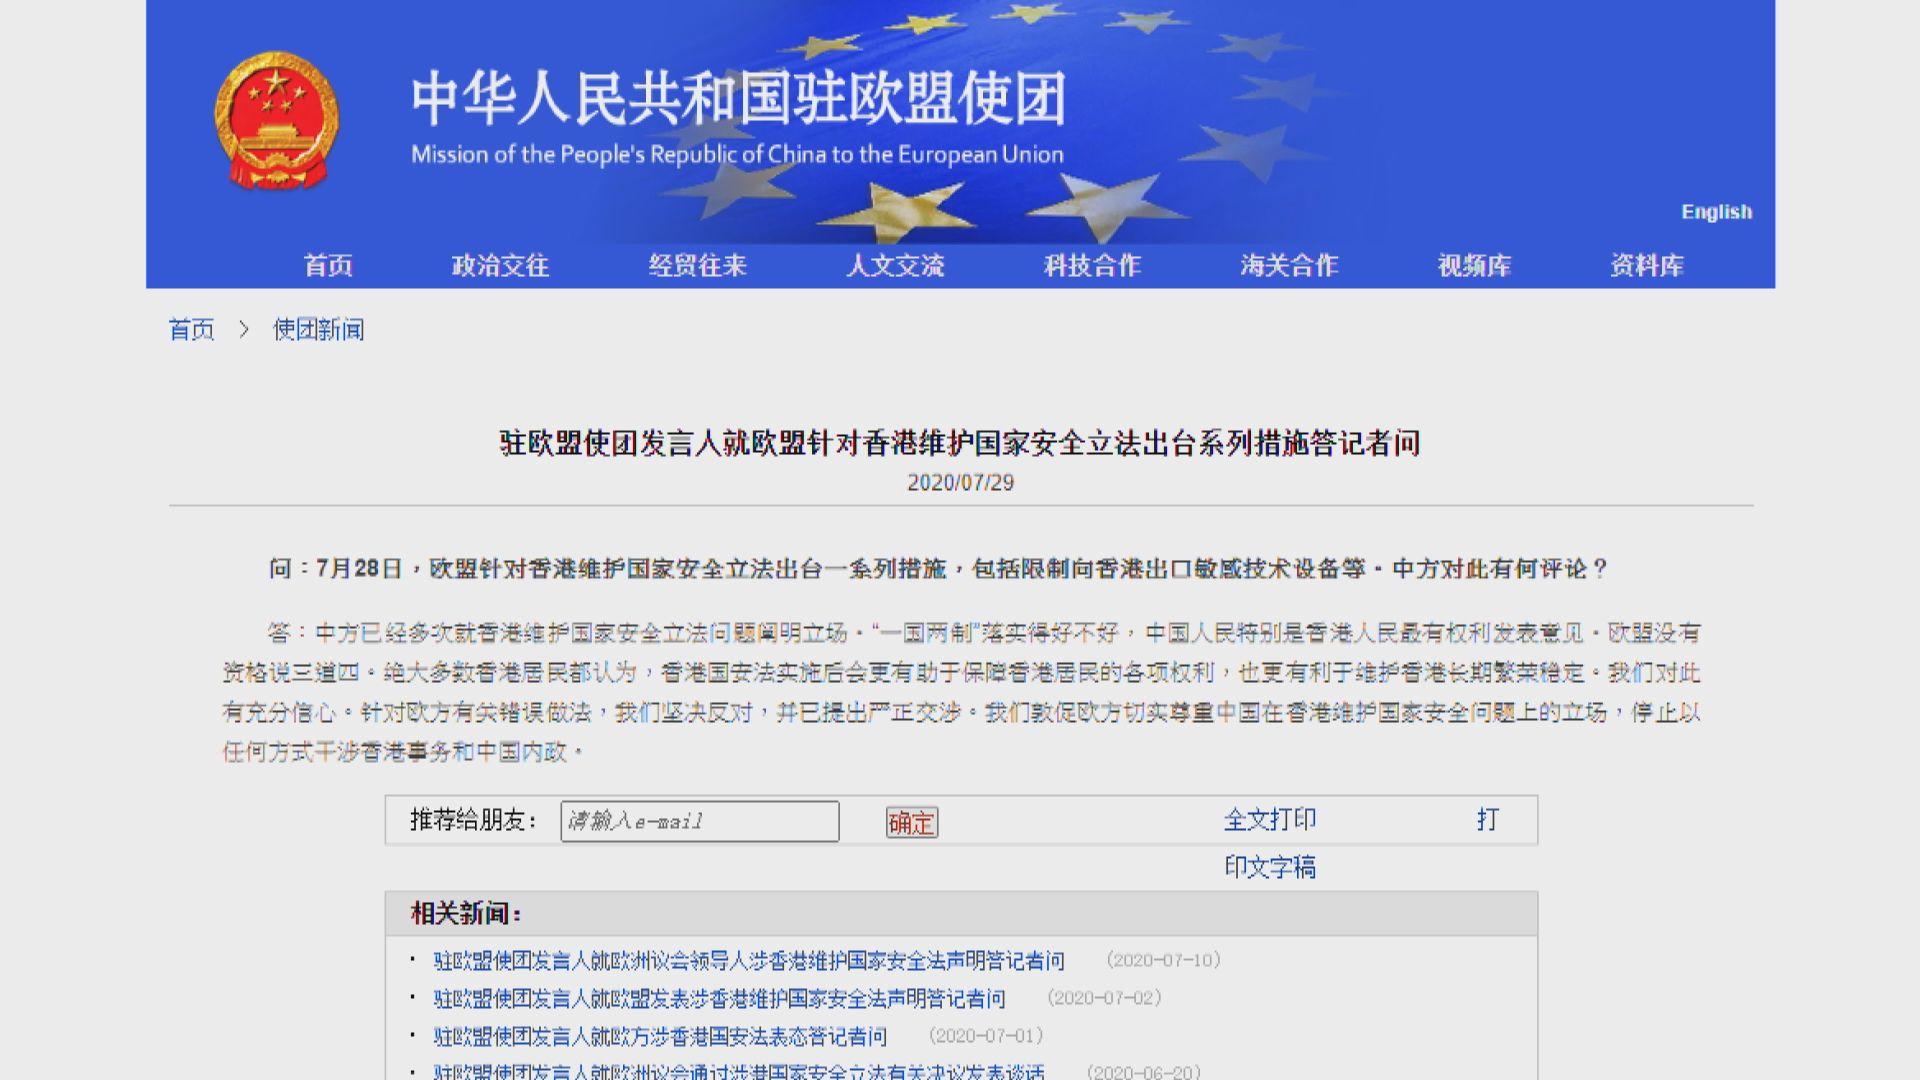 中方提嚴正交涉 促歐盟停止干涉內政